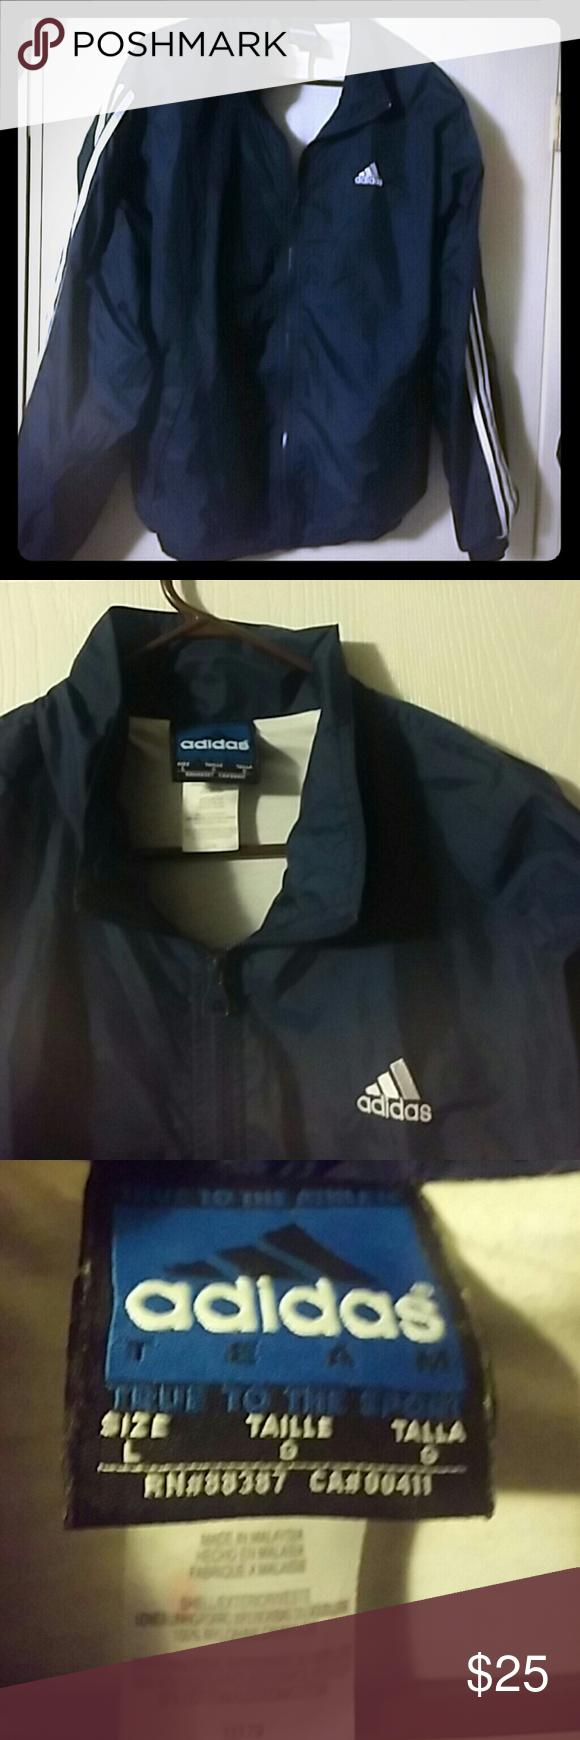 Jacket Ca 00411 Adidas Sz L Rn 88387 Jacketsamp; Coats CxdBoer